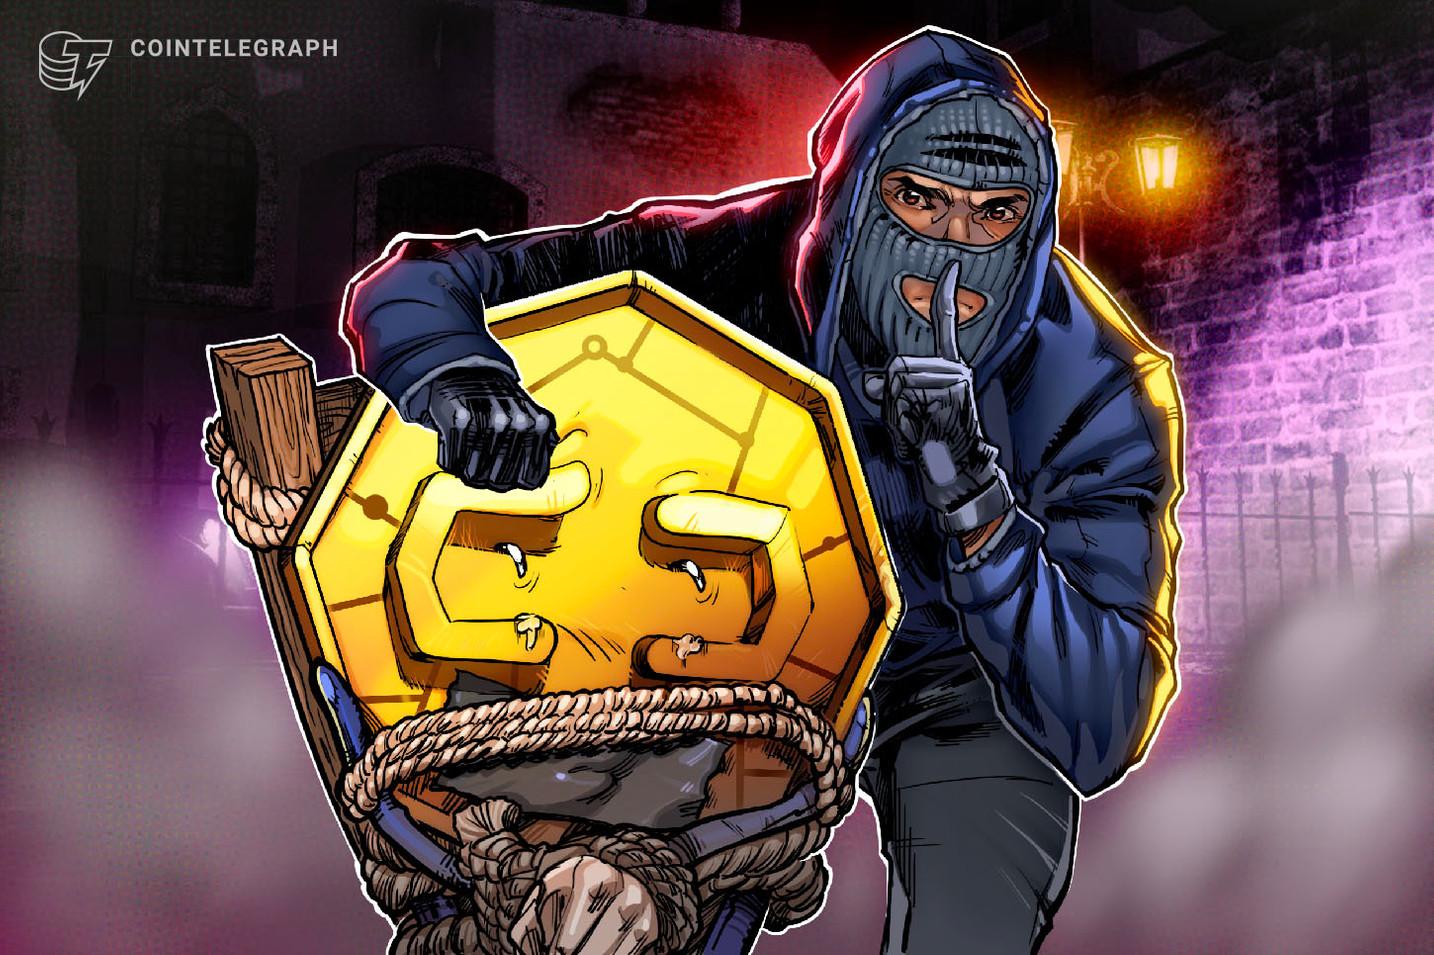 仮想通貨はテロ活動に使われているのか? ブロックチェーン分析企業チェイナリシスが真偽を検証